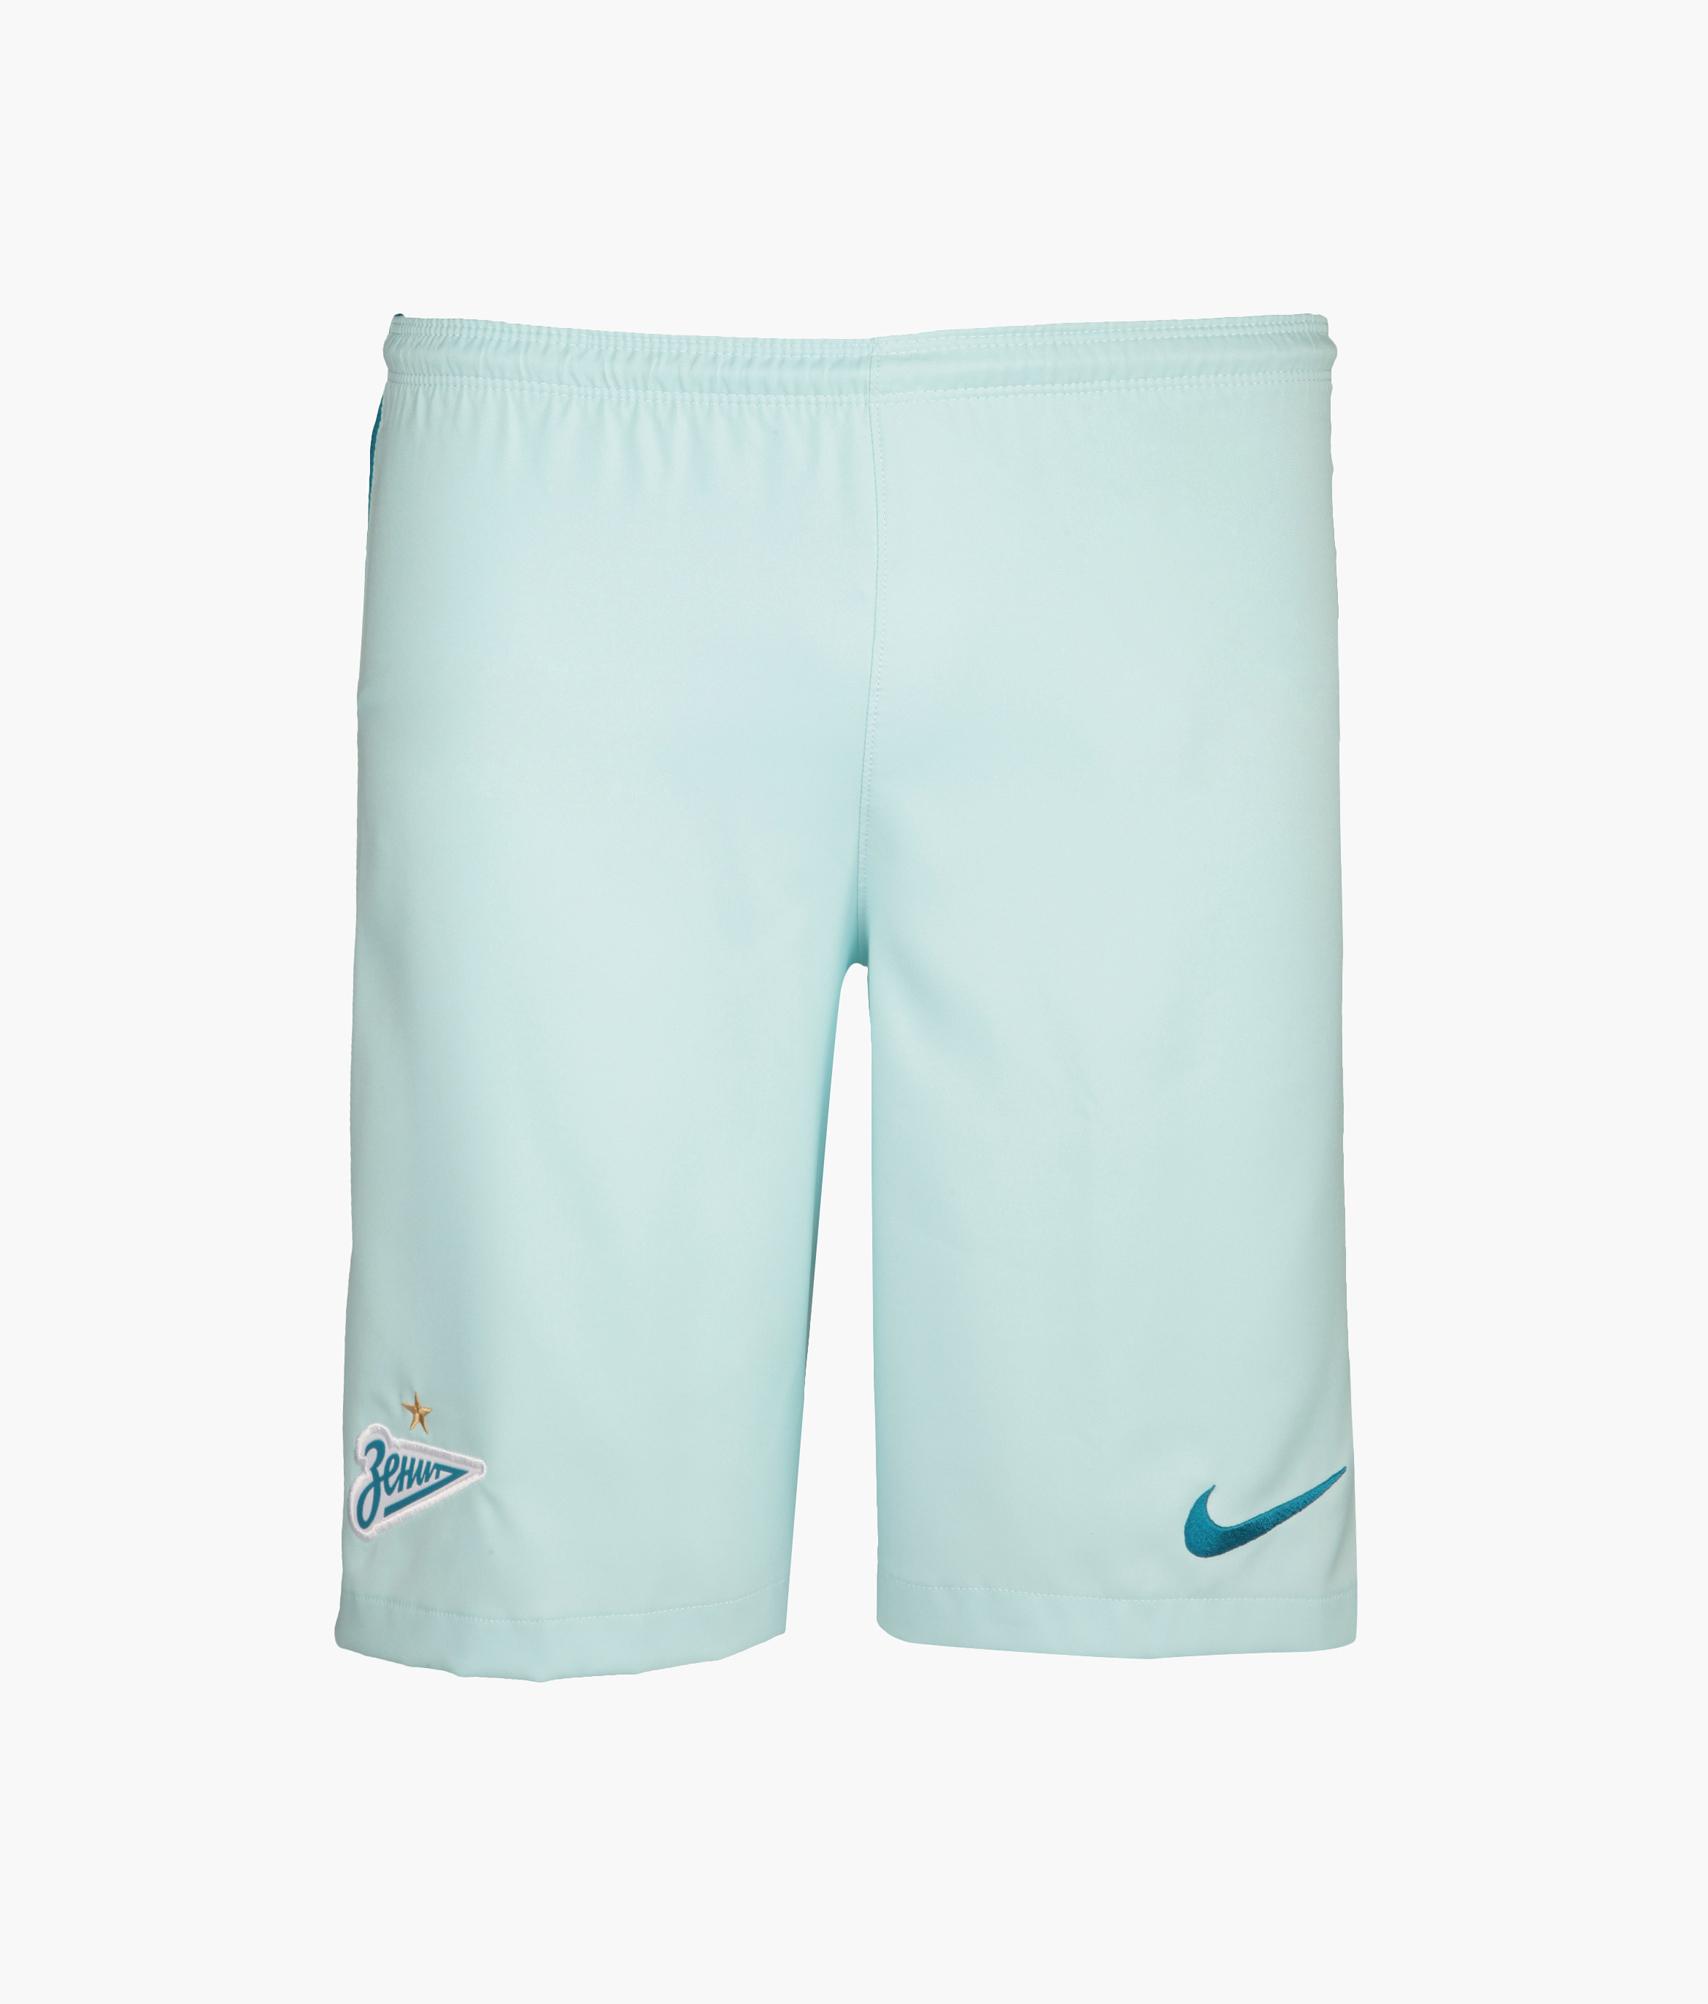 Шорты оригинальные игровые Nike Nike Цвет-Белый шорты mustang 1005668 5000 883